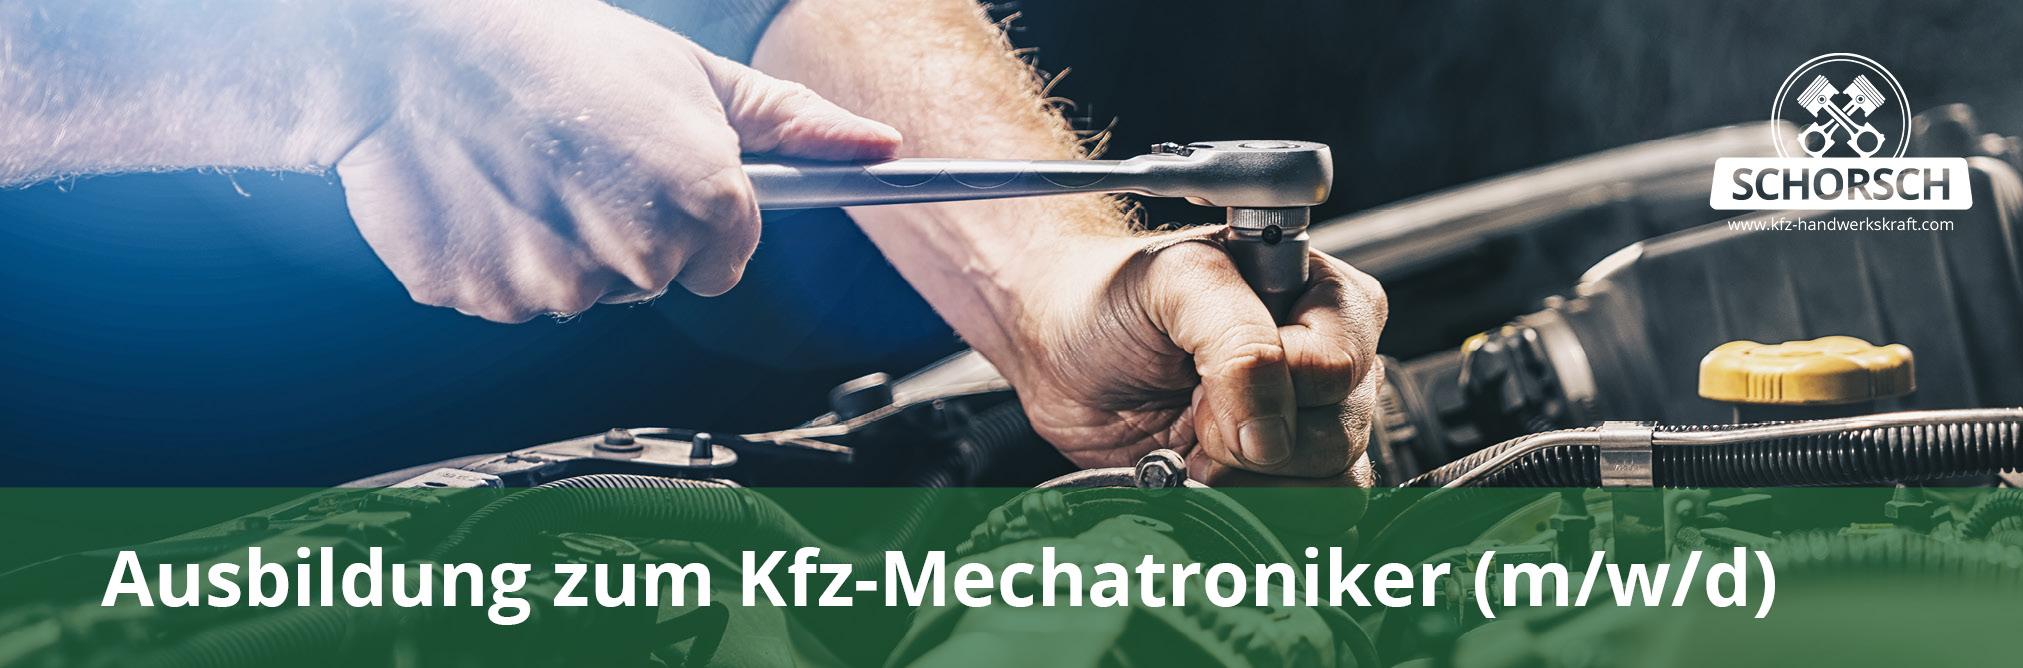 Ausbildung KFZ-Mechatroniker